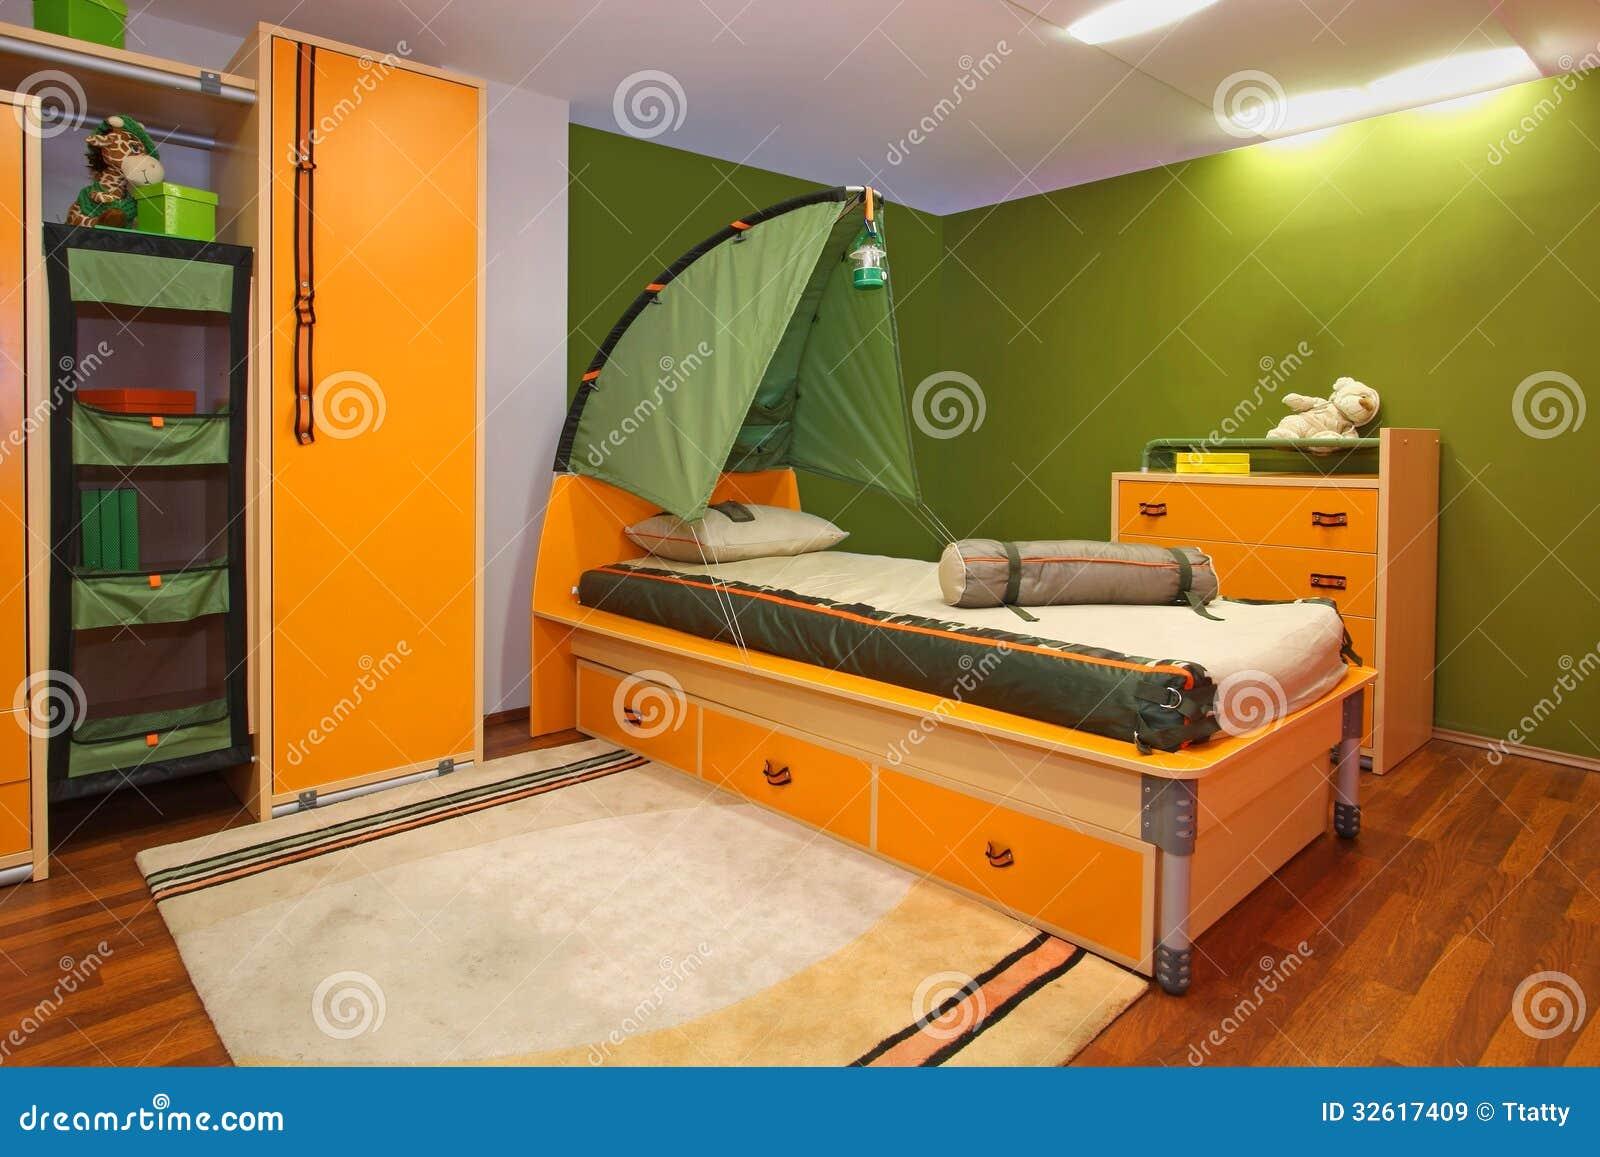 Chambre Bebe Jaune Et Vert - Chambre A Coucher Enfant - Apsip.com